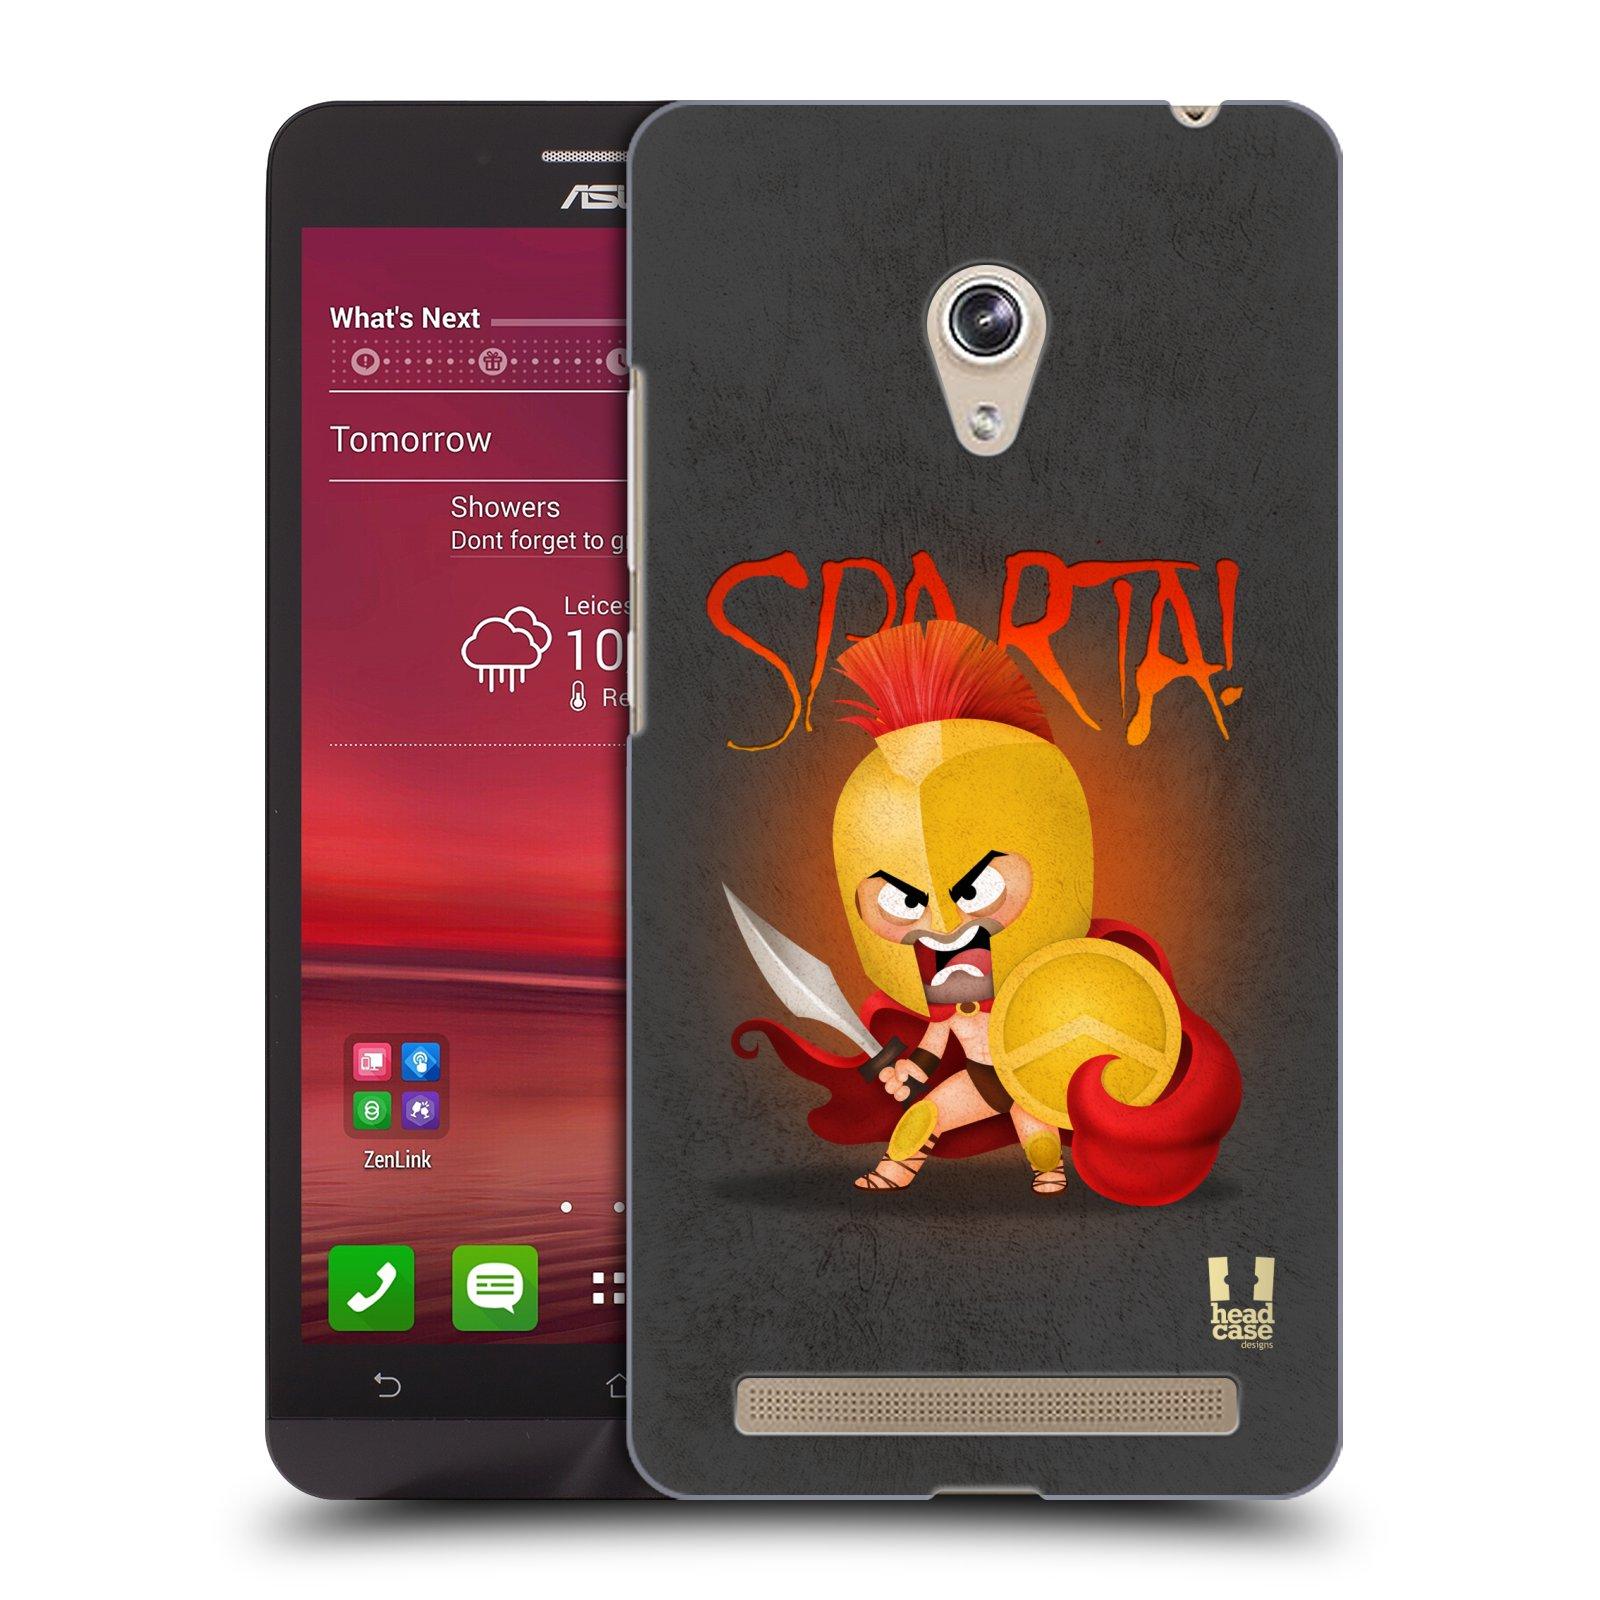 Plastové pouzdro na mobil Asus Zenfone 6 HEAD CASE Sparta (Kryt či obal na mobilní telefon Asus Zenfone 6 A600CG / A601CG)